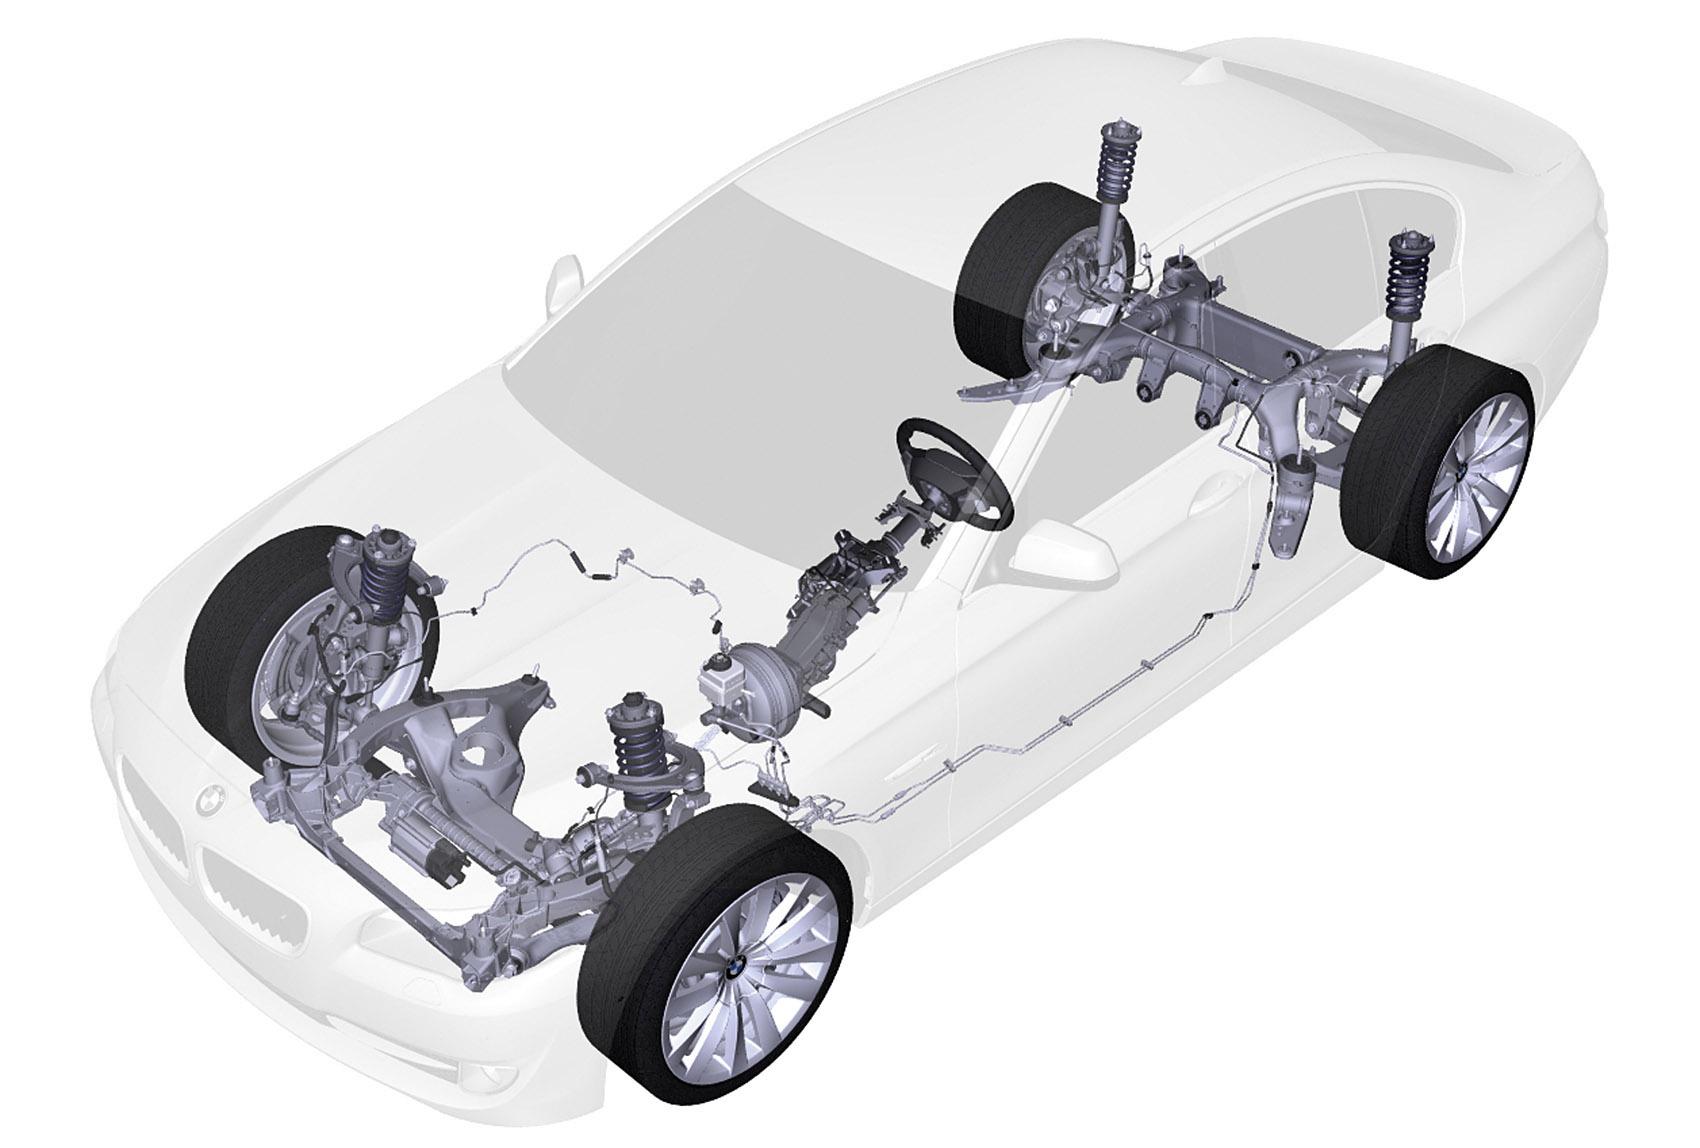 Ходовая часть автомобиля – в чем состоит ее важность и уязвимость